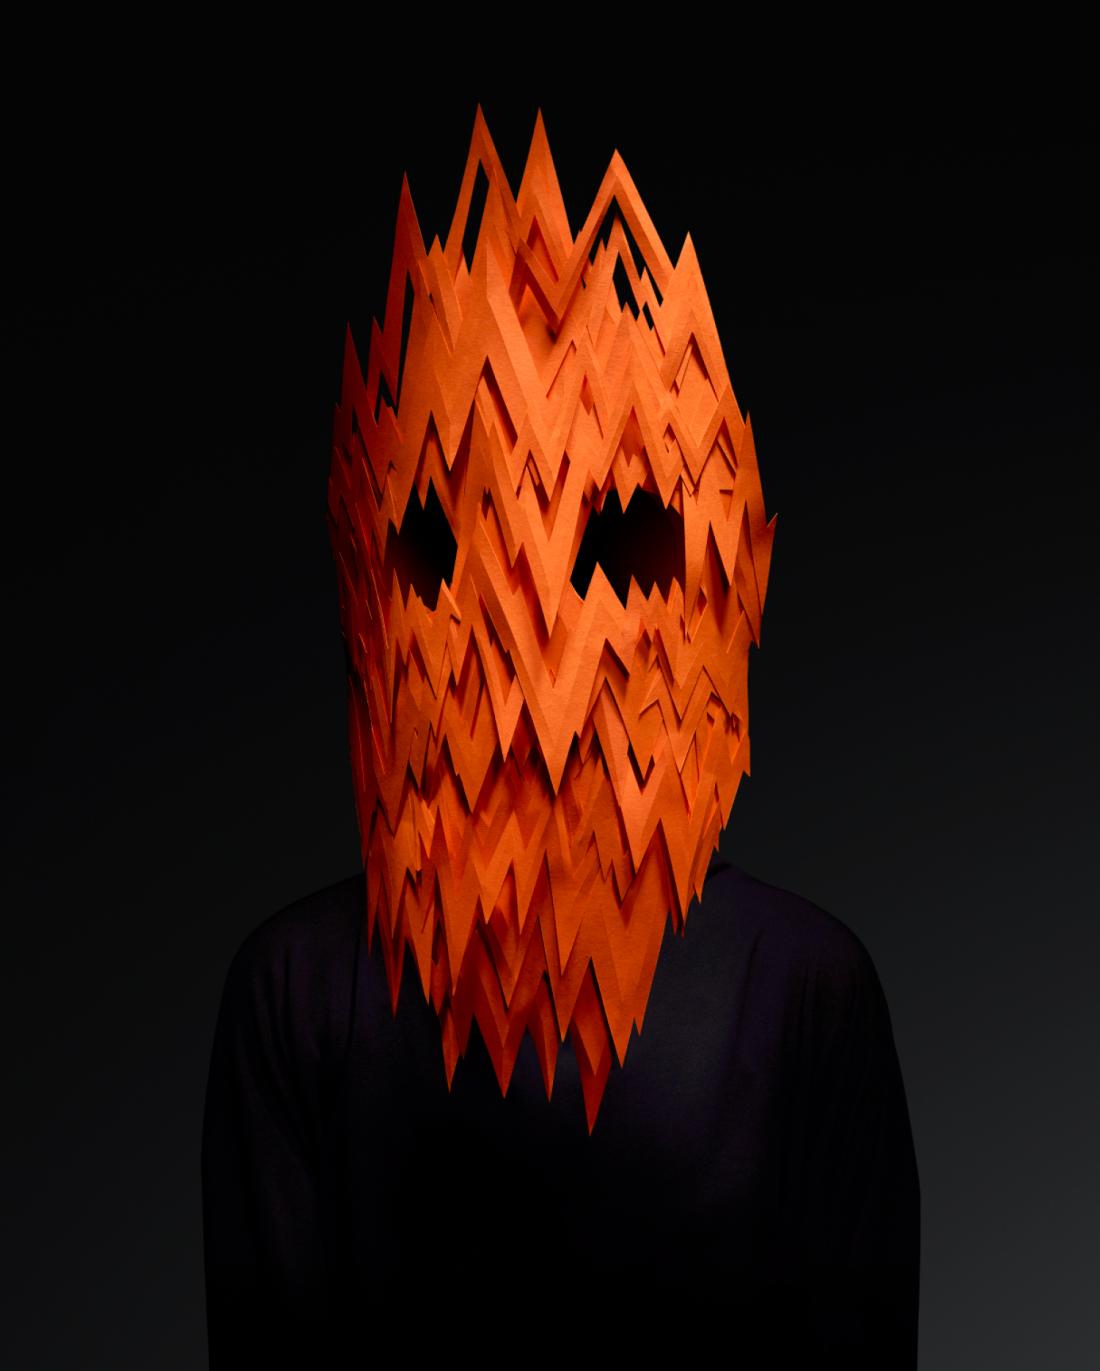 Le maschere di carta che rappresentano le emozioni